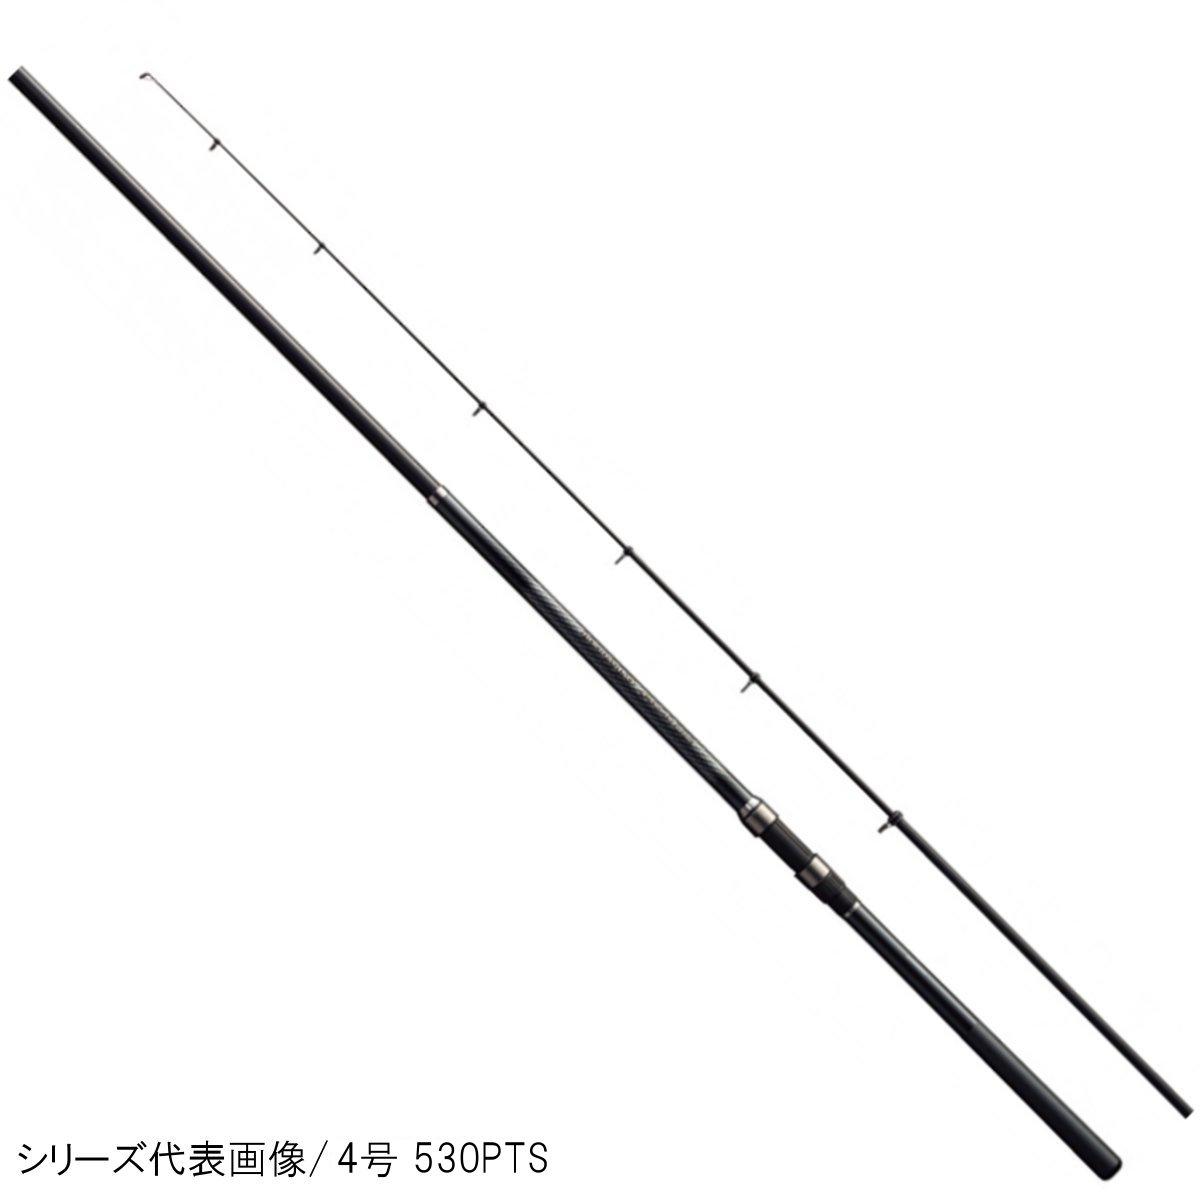 シマノ ホリデー イソ 3号 400PTS